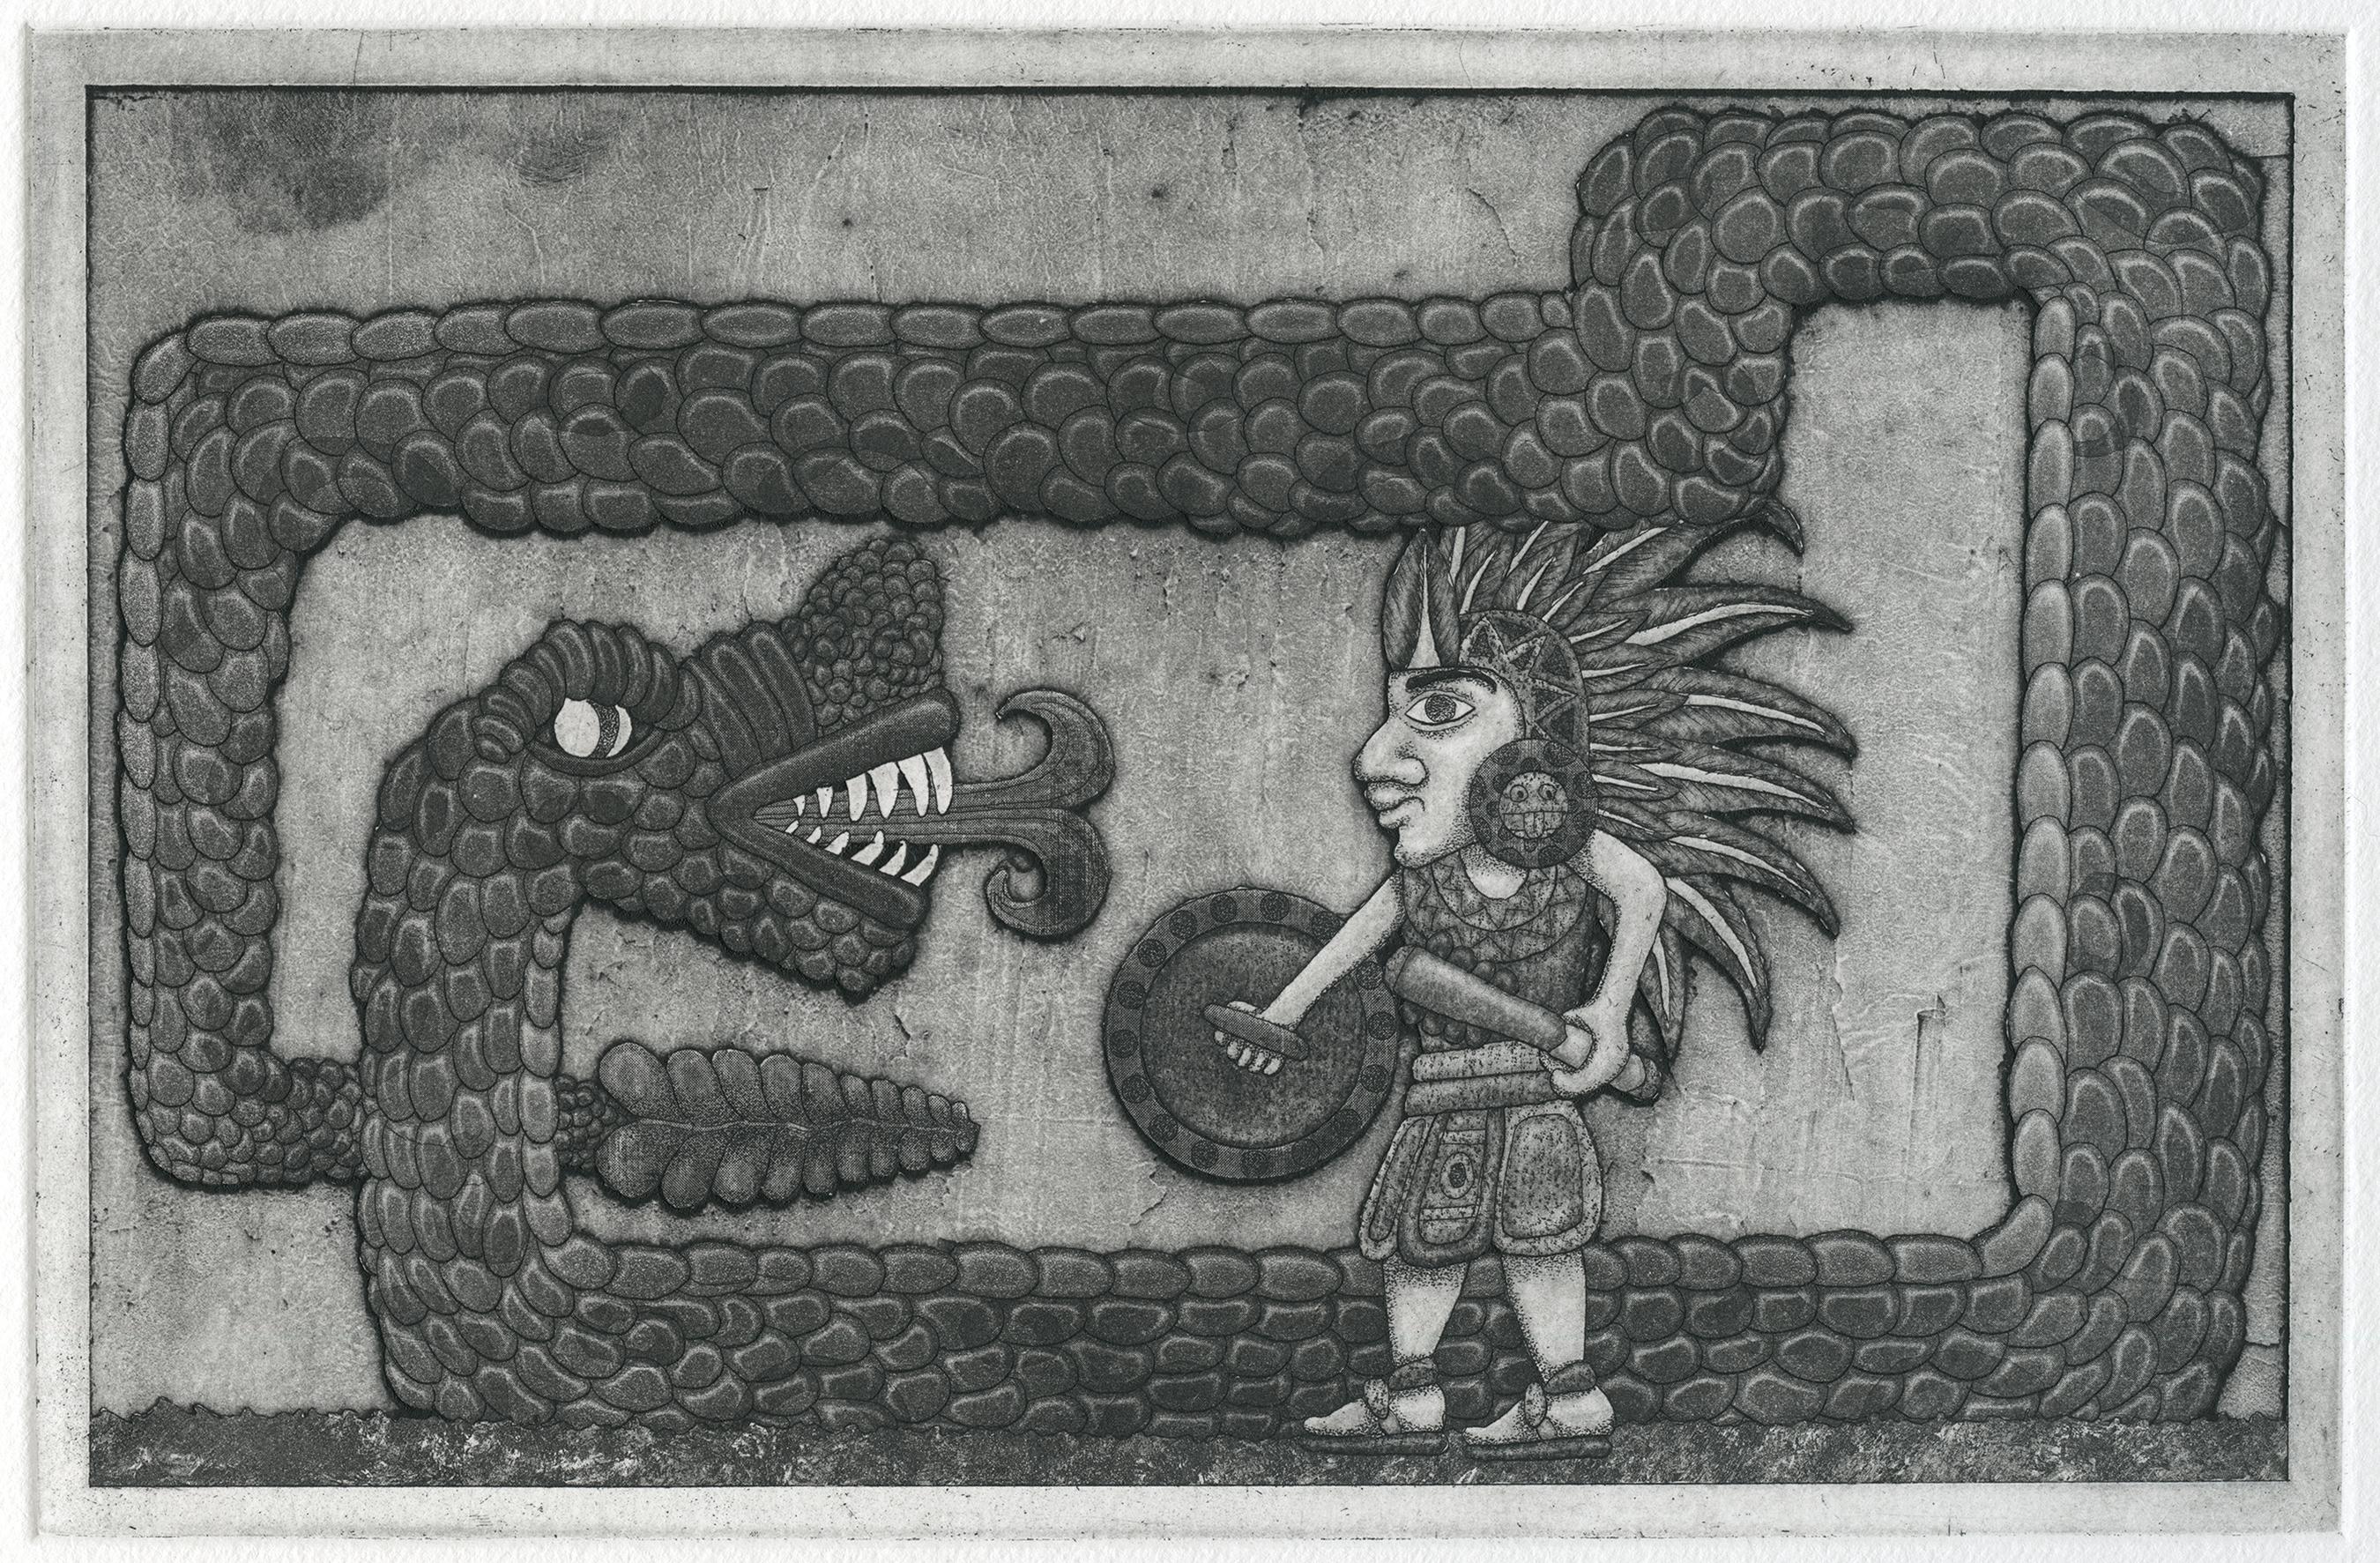 El Azteca Valiente